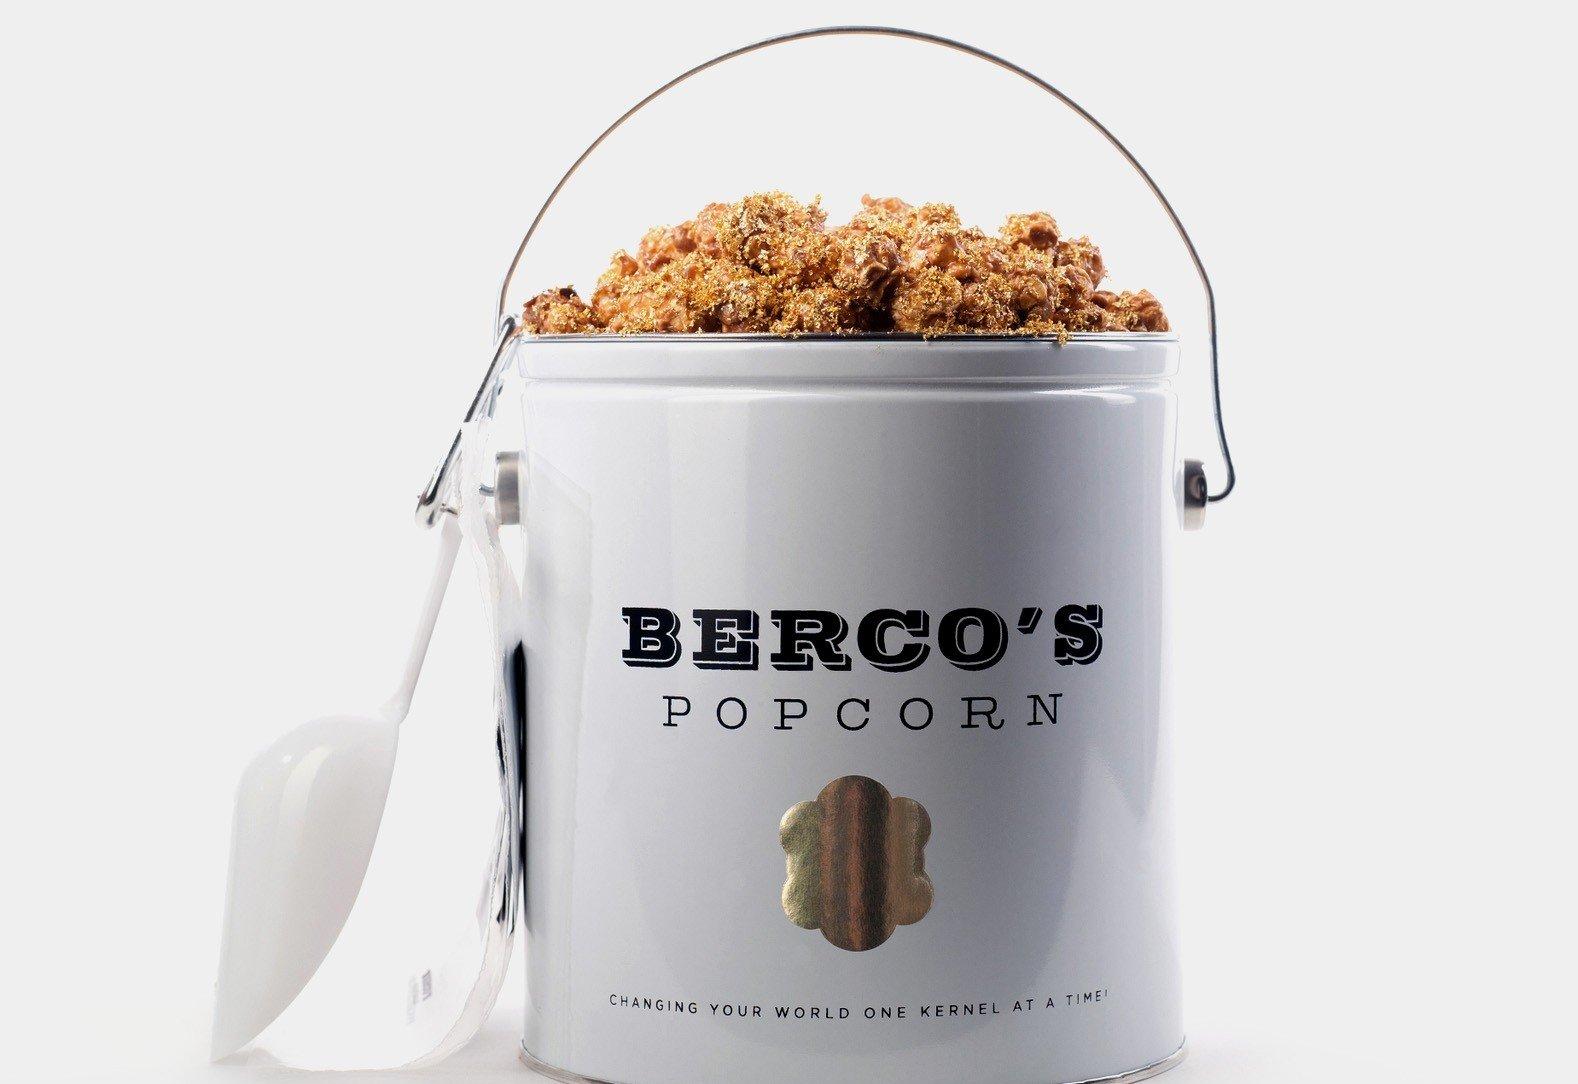 Самый дорогой попкорн в мире